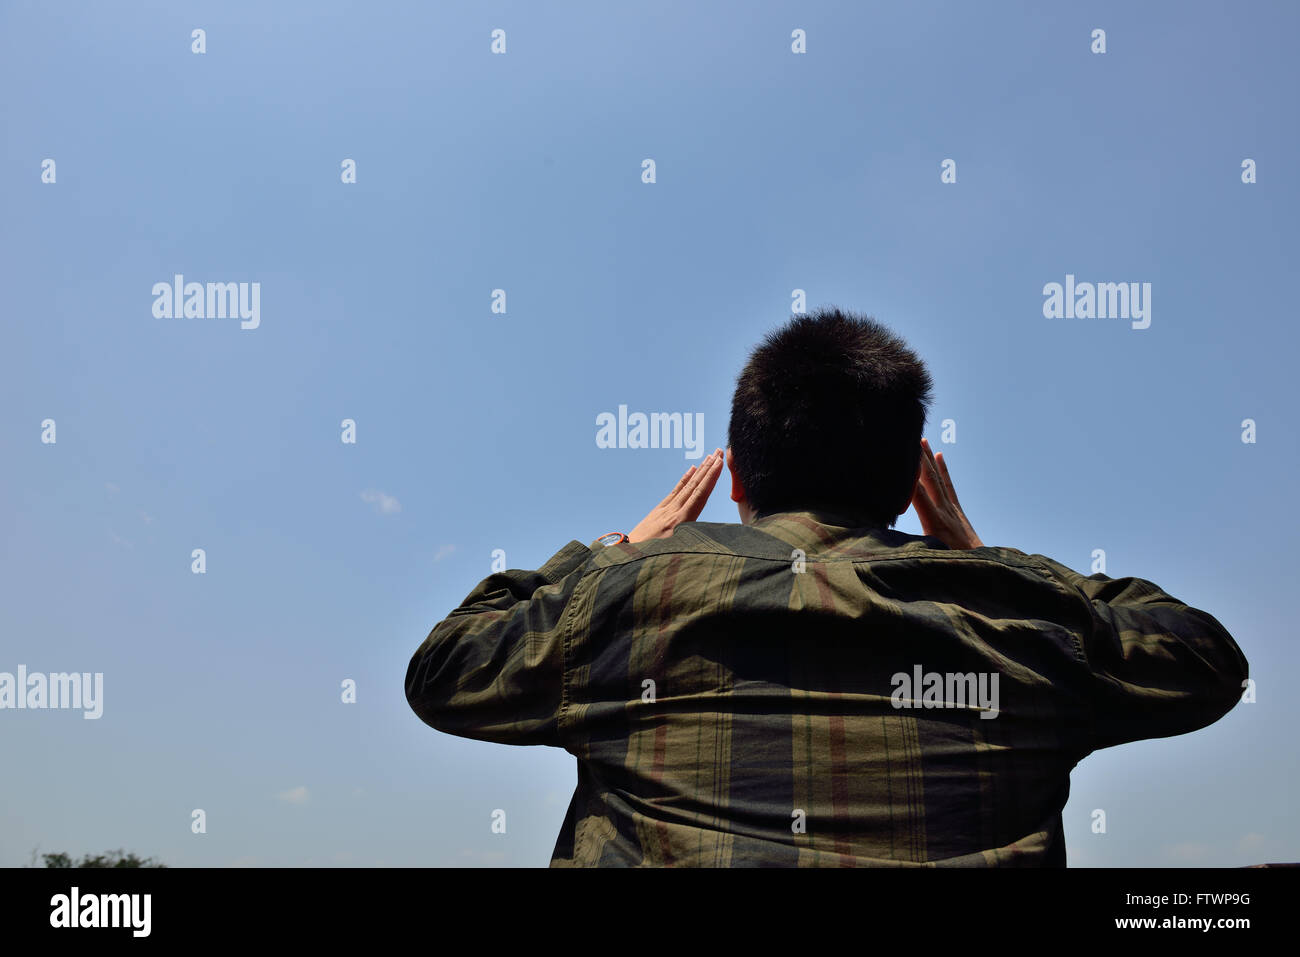 Man shouting - Stock Image